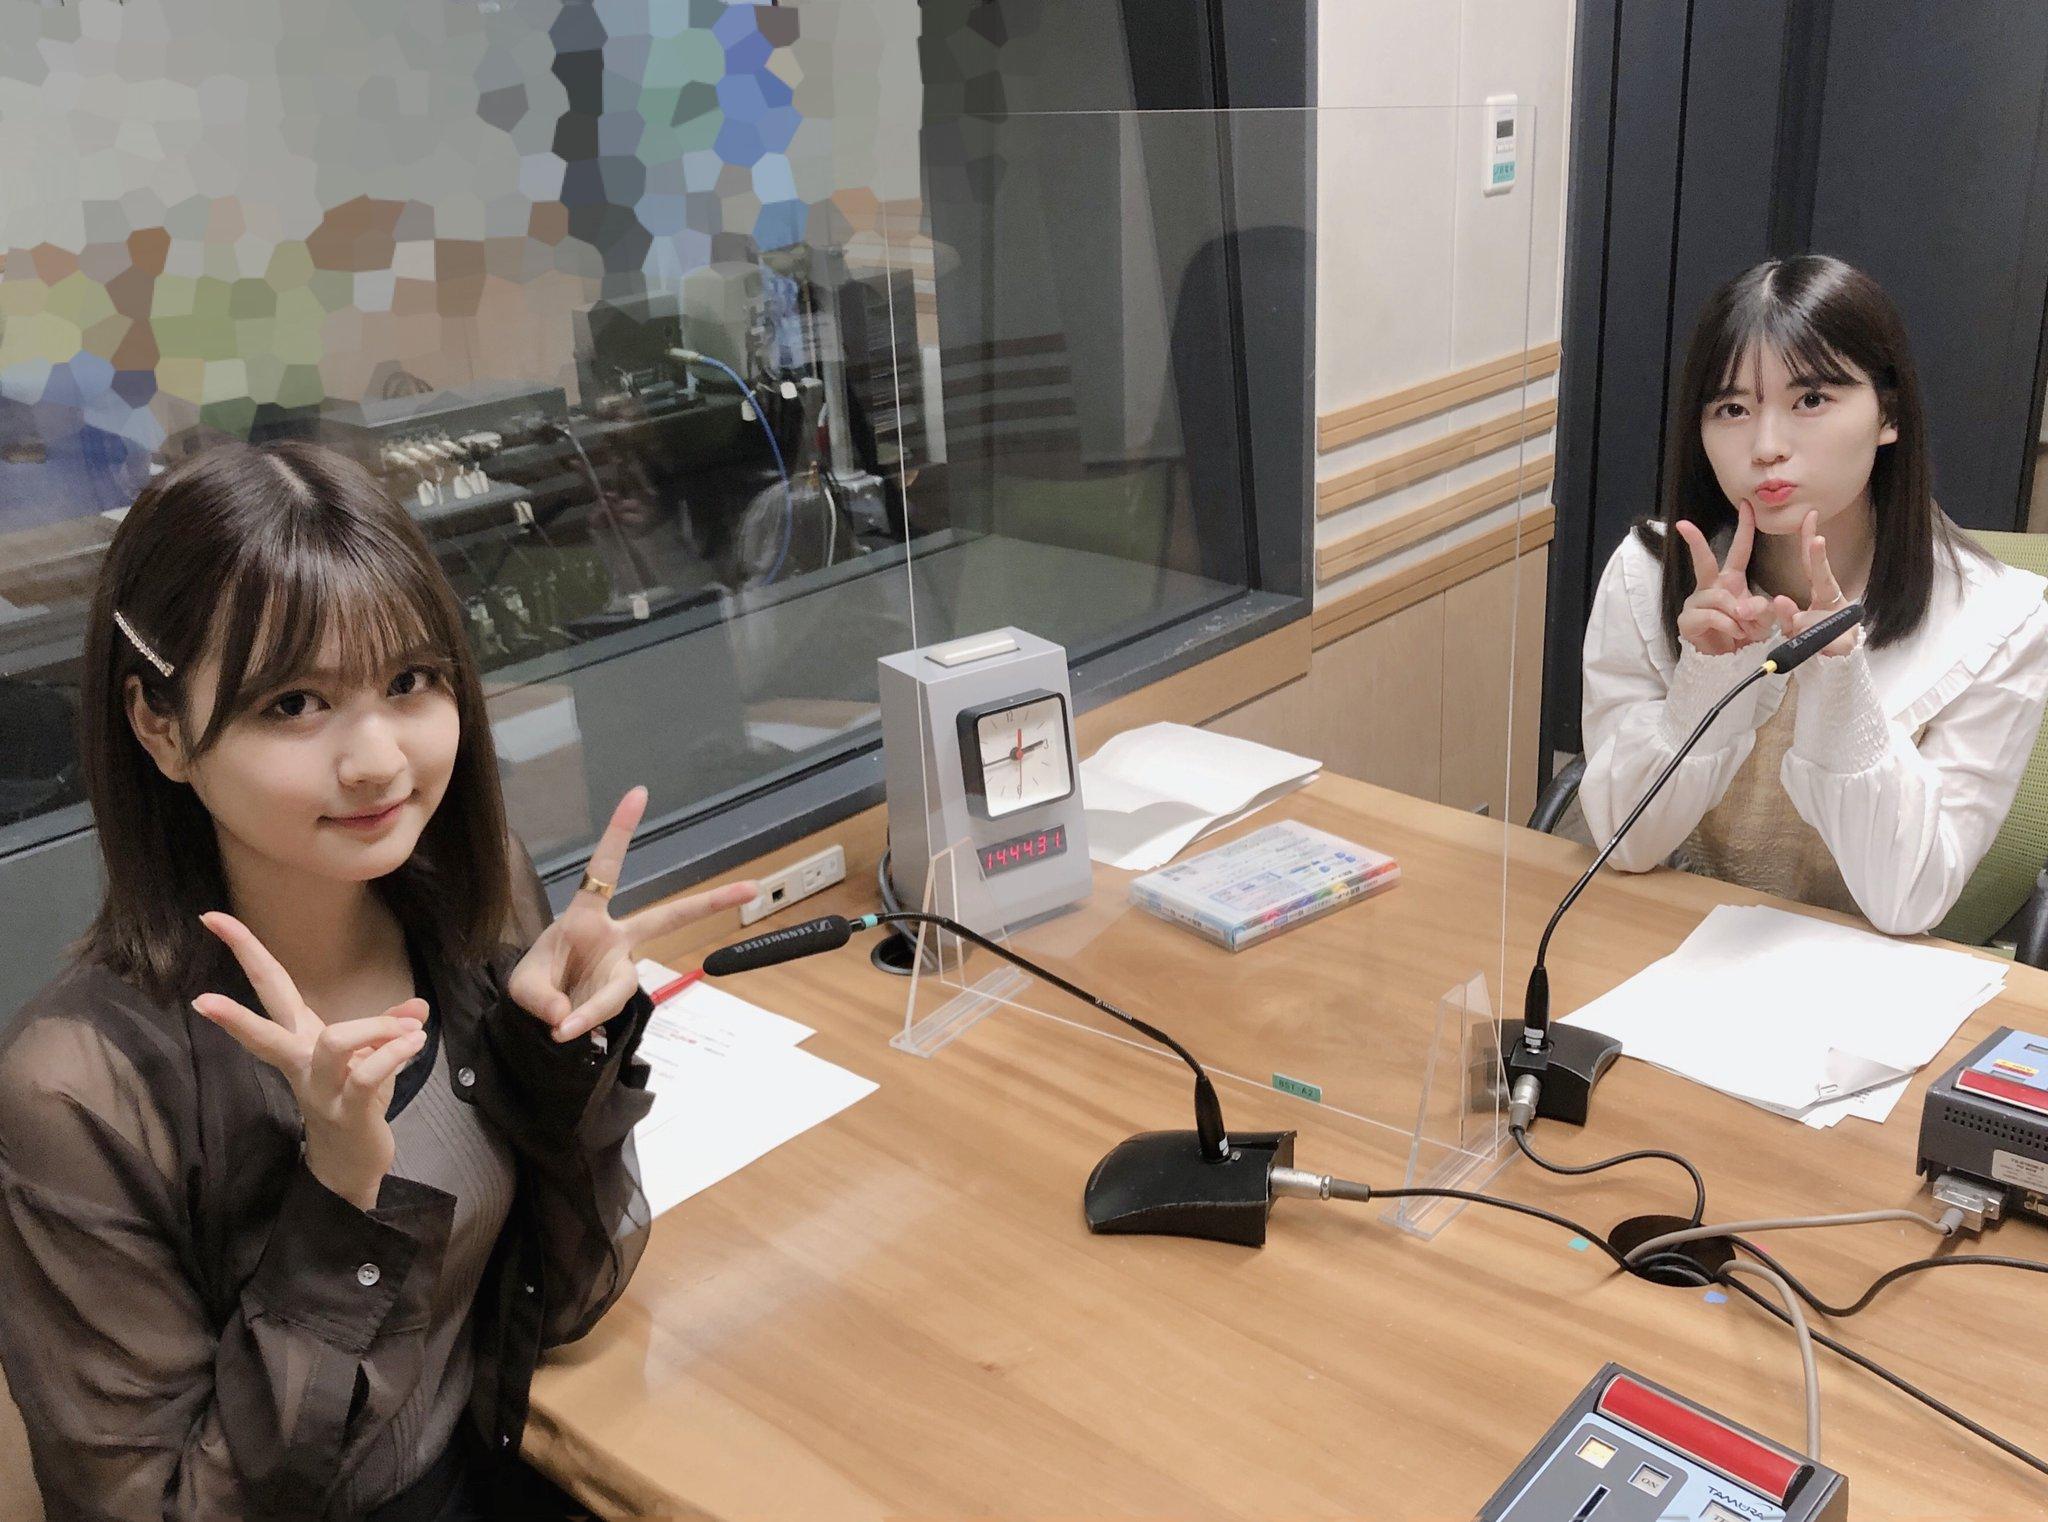 乃木坂46の「の」 中村麗乃 岩本蓮加